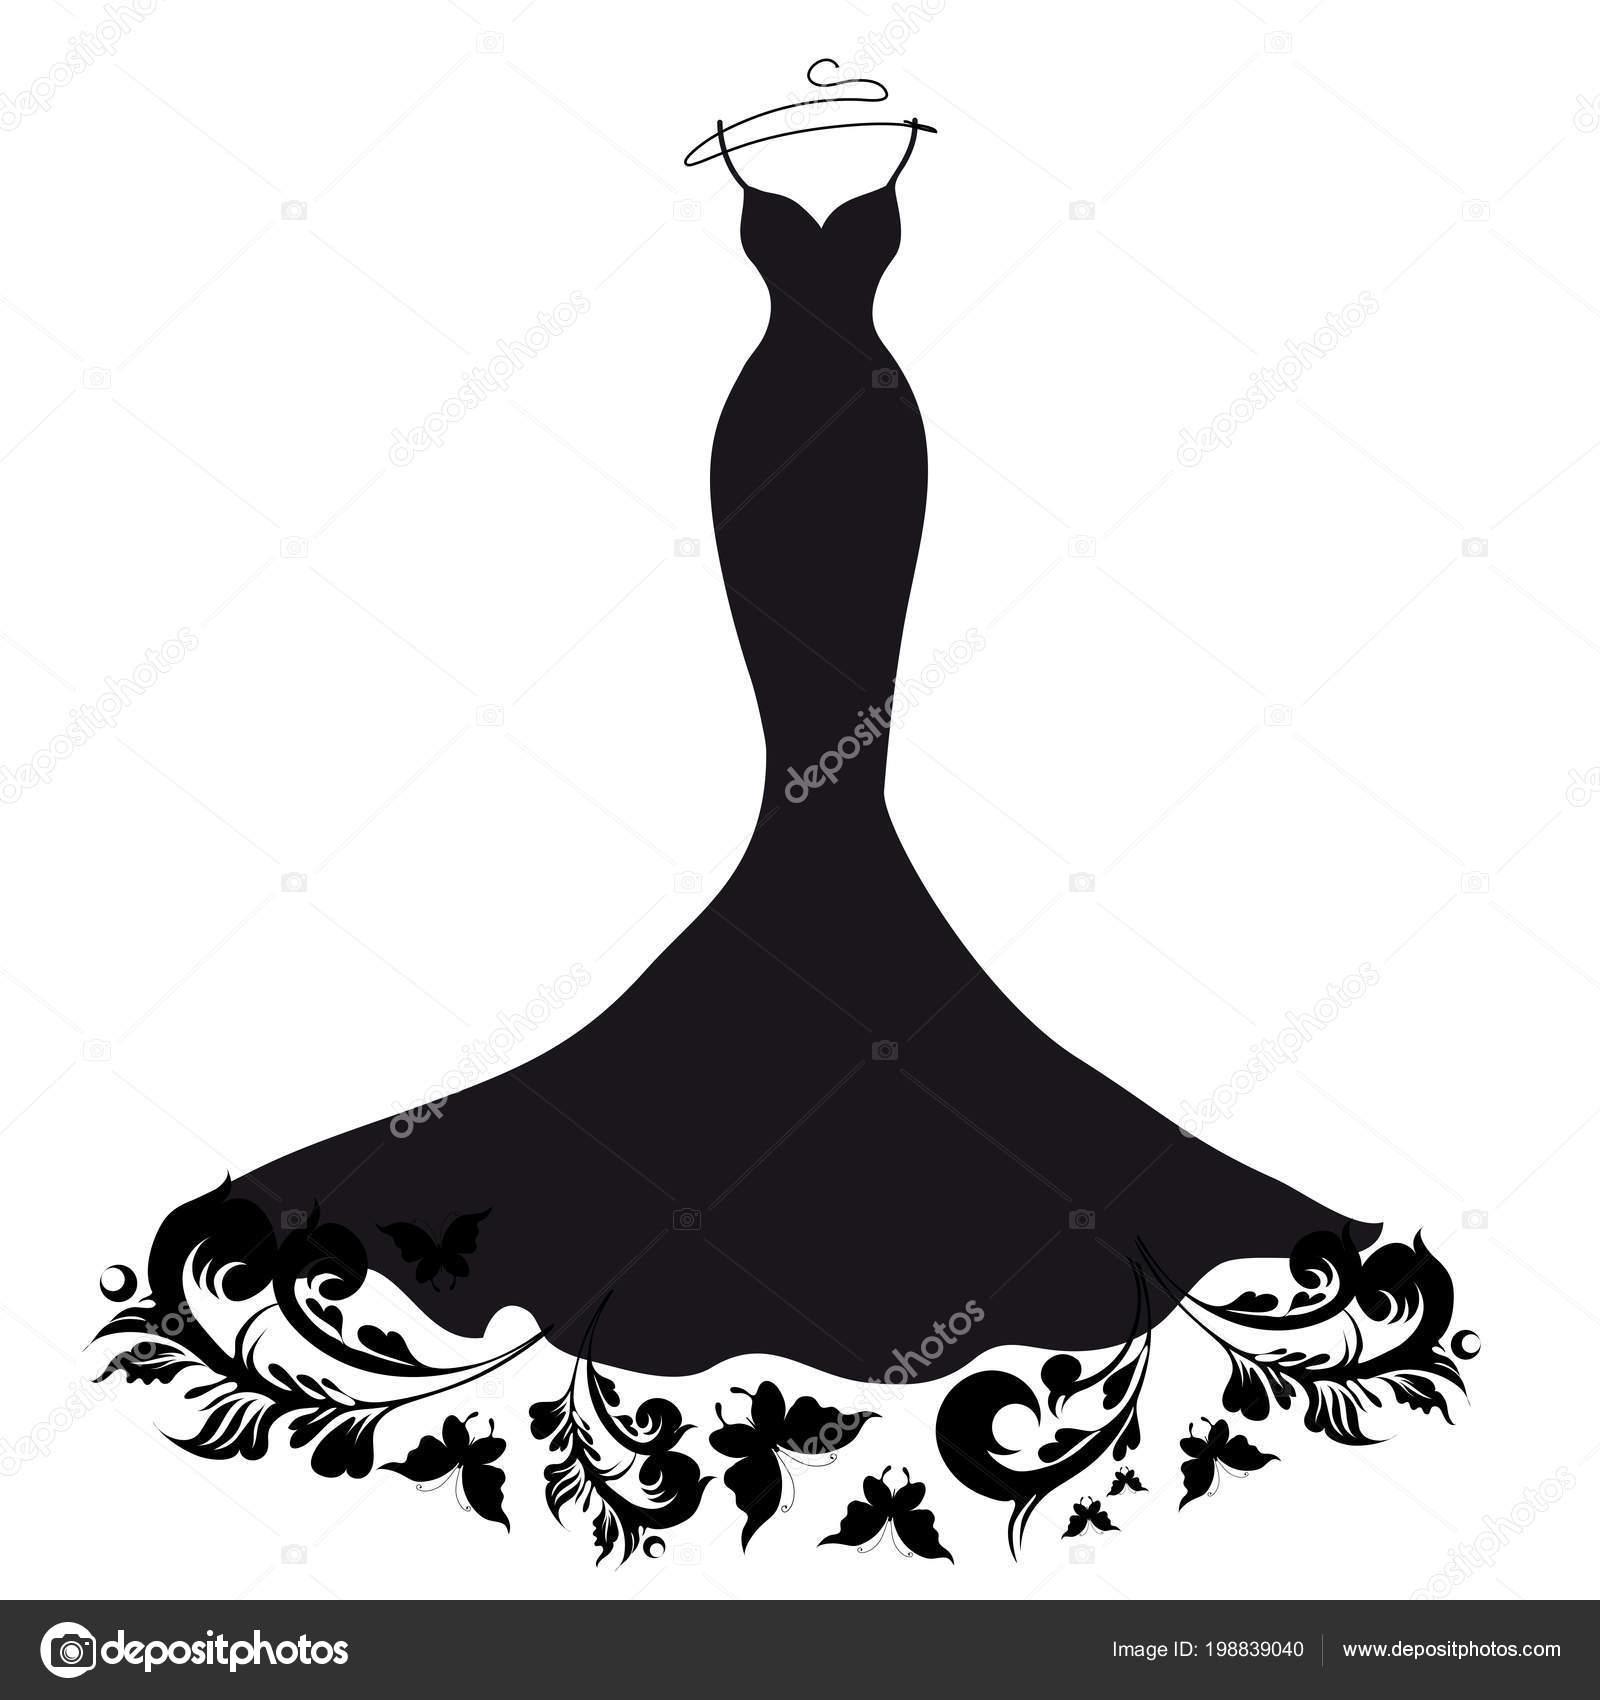 Negro Silueta Vestido Novia Con Mariposas Aisladas Sobre